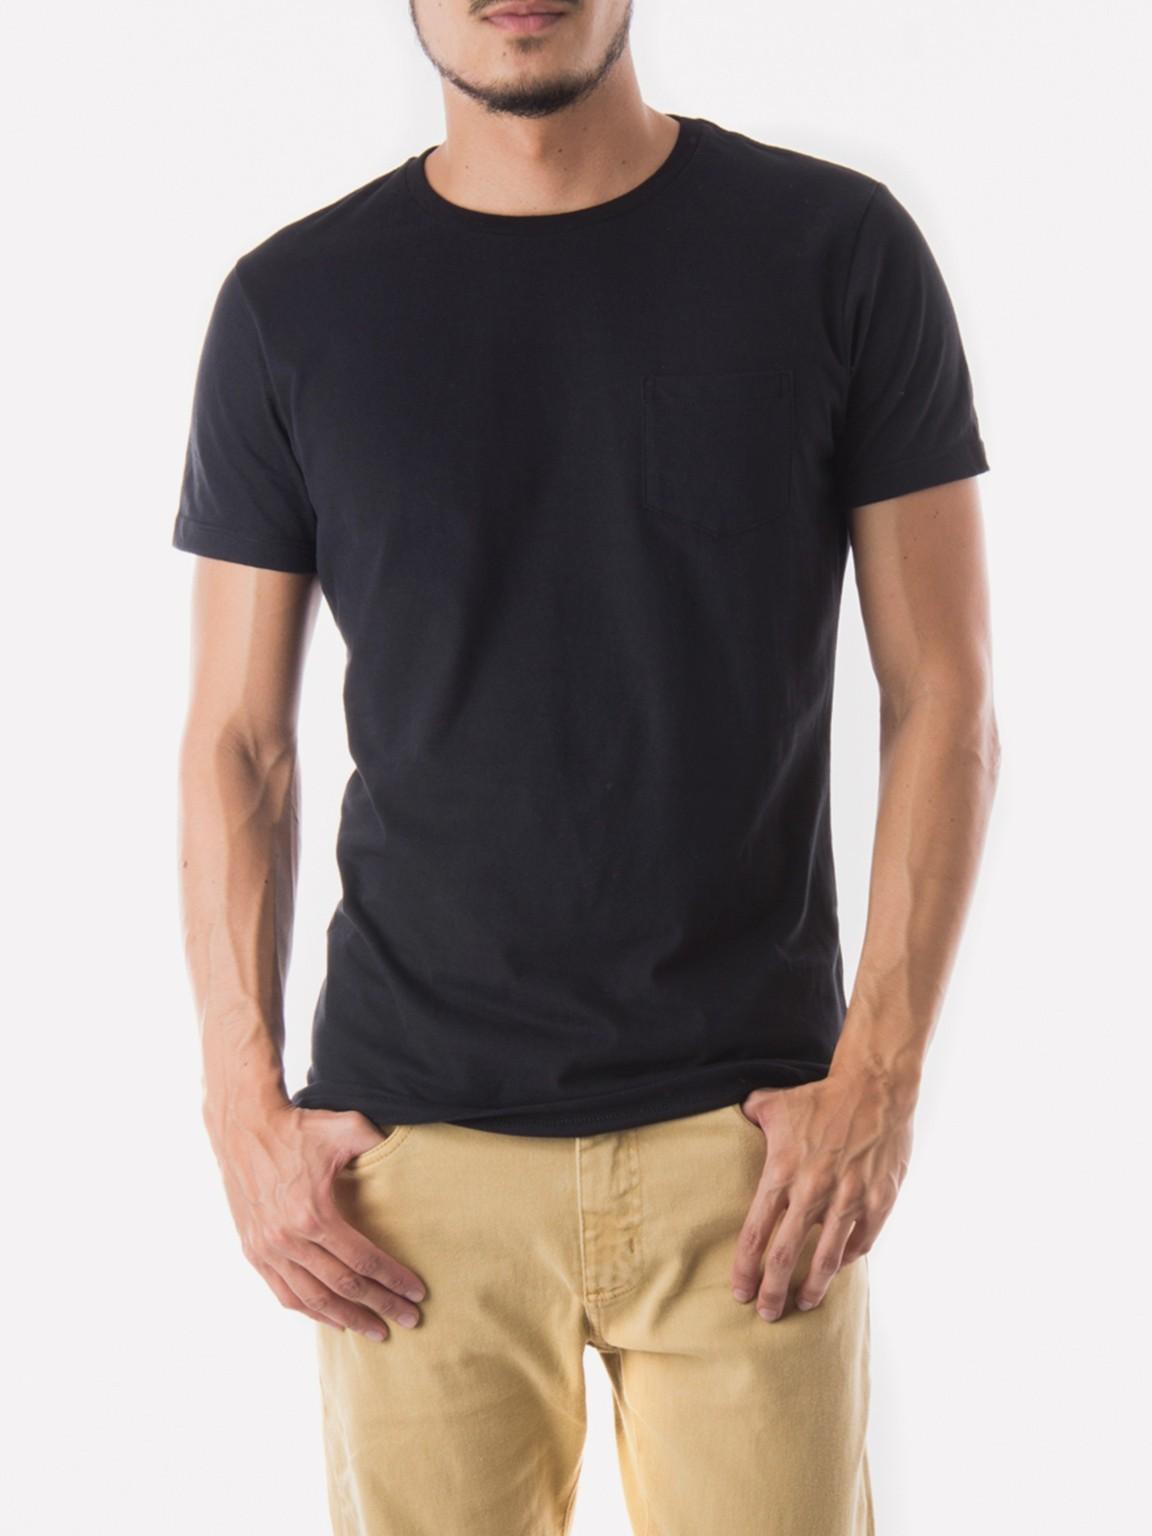 6caf64b3a0ebc Foto do Camiseta Essencial Oriba com Bolso - Preto